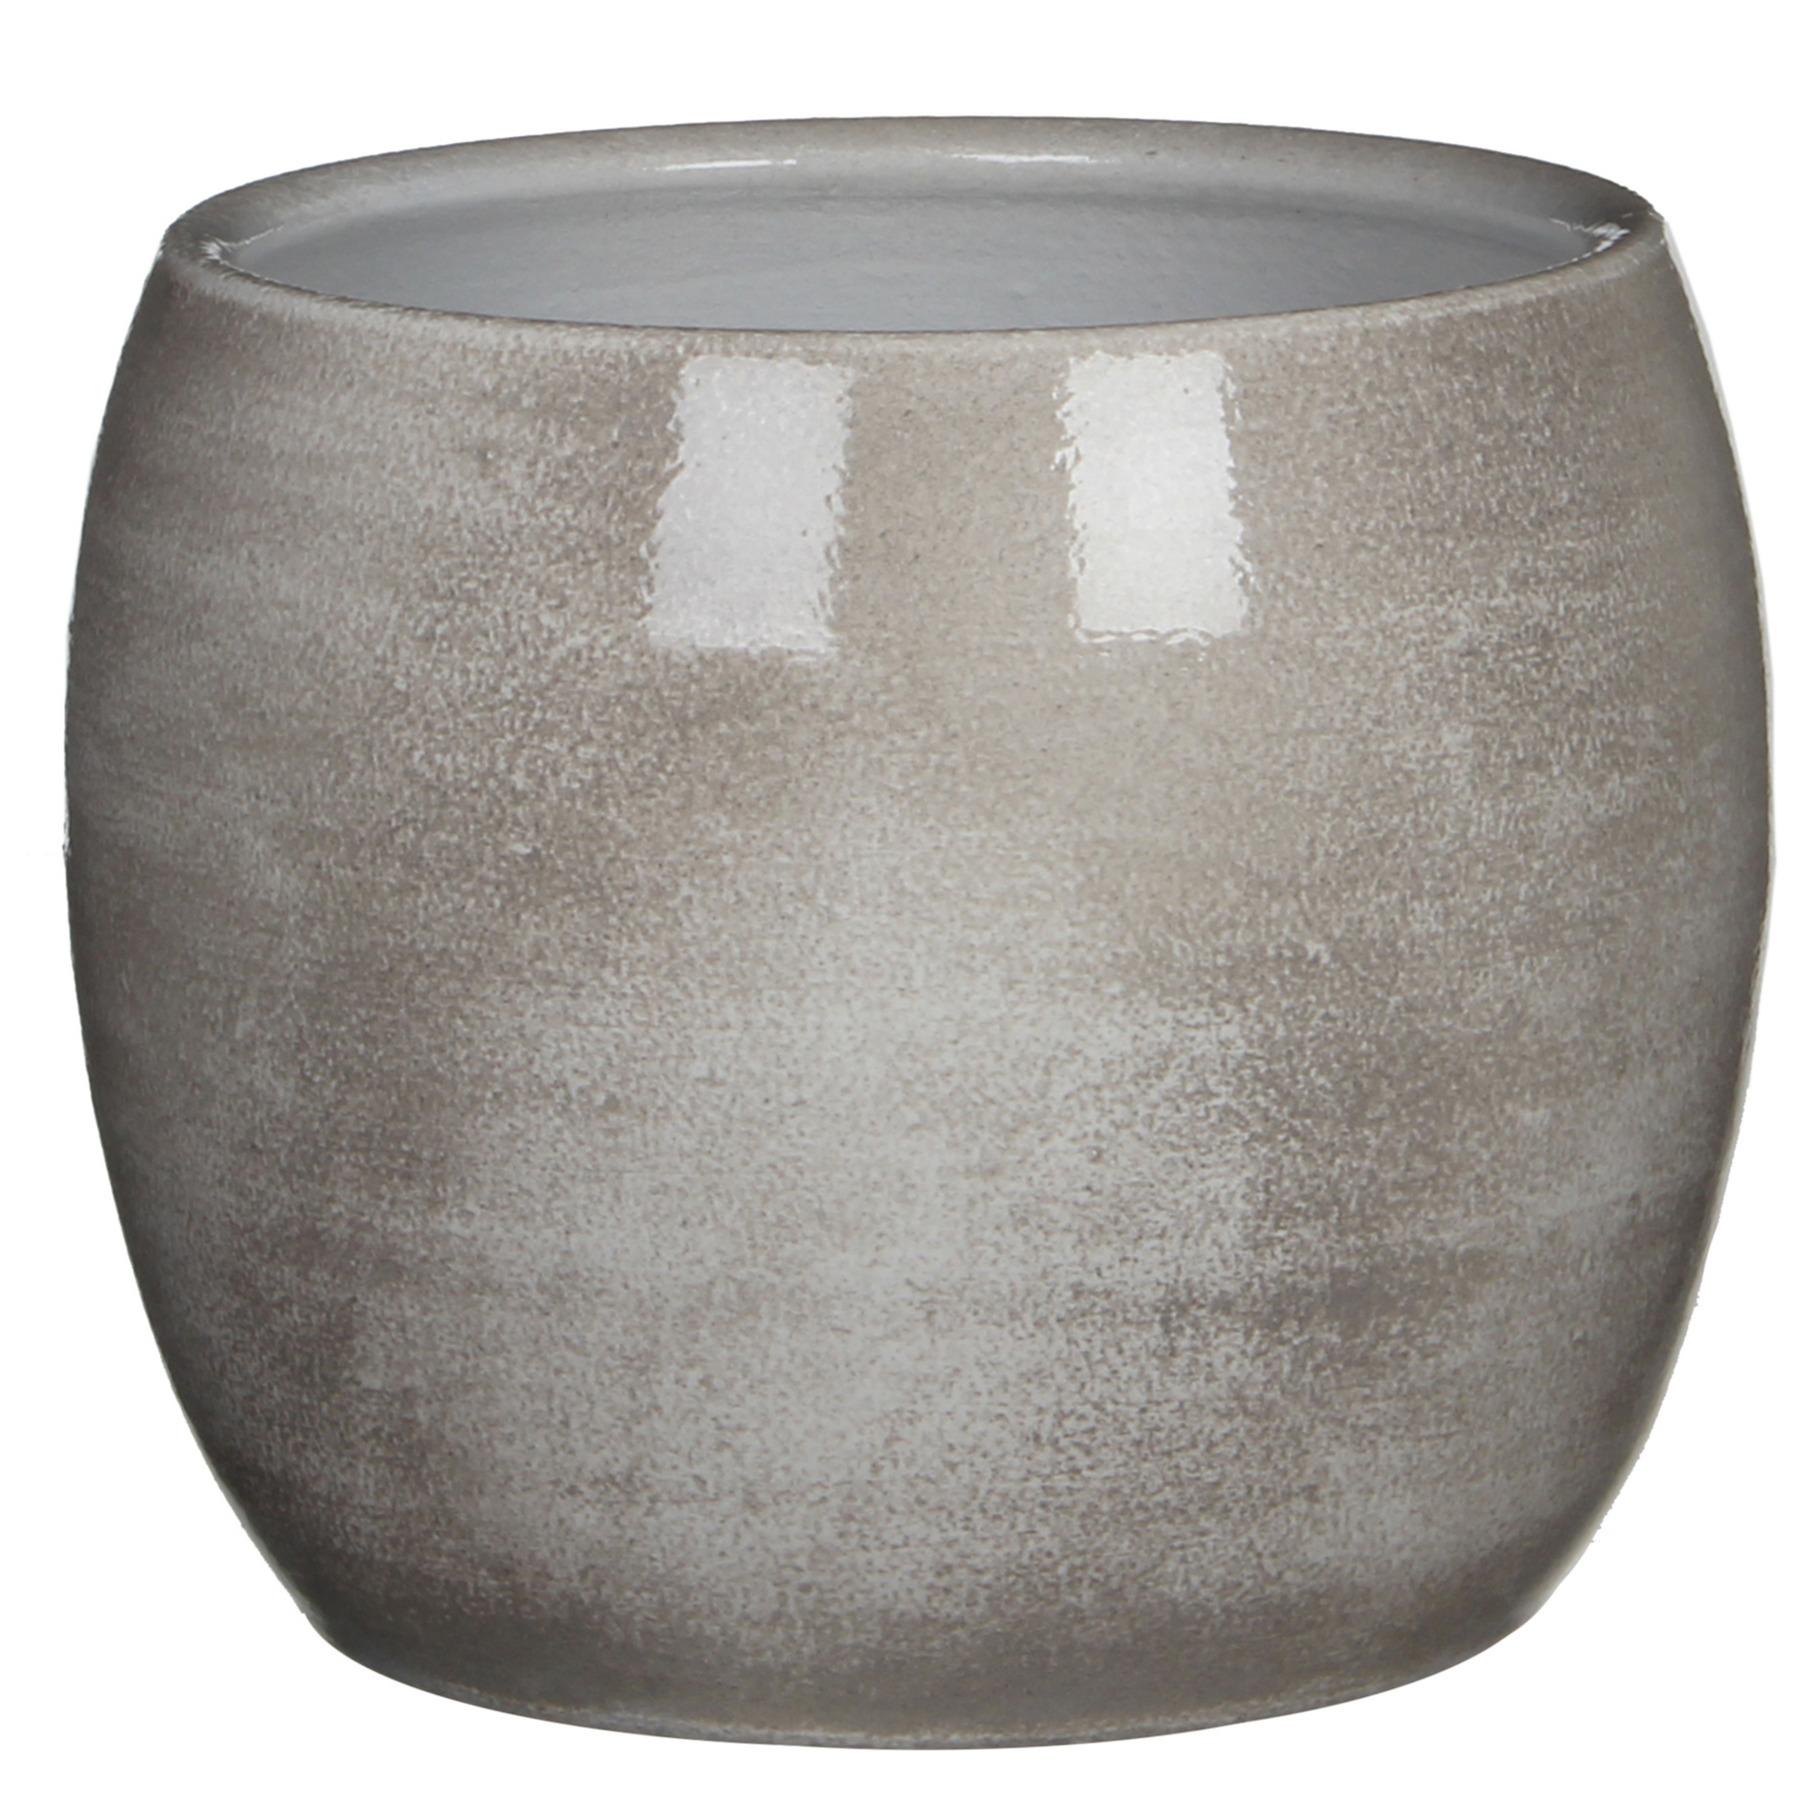 Bloempot in het shiny lightgrey stone keramiek voor kamerplant H18 x D20 cm -